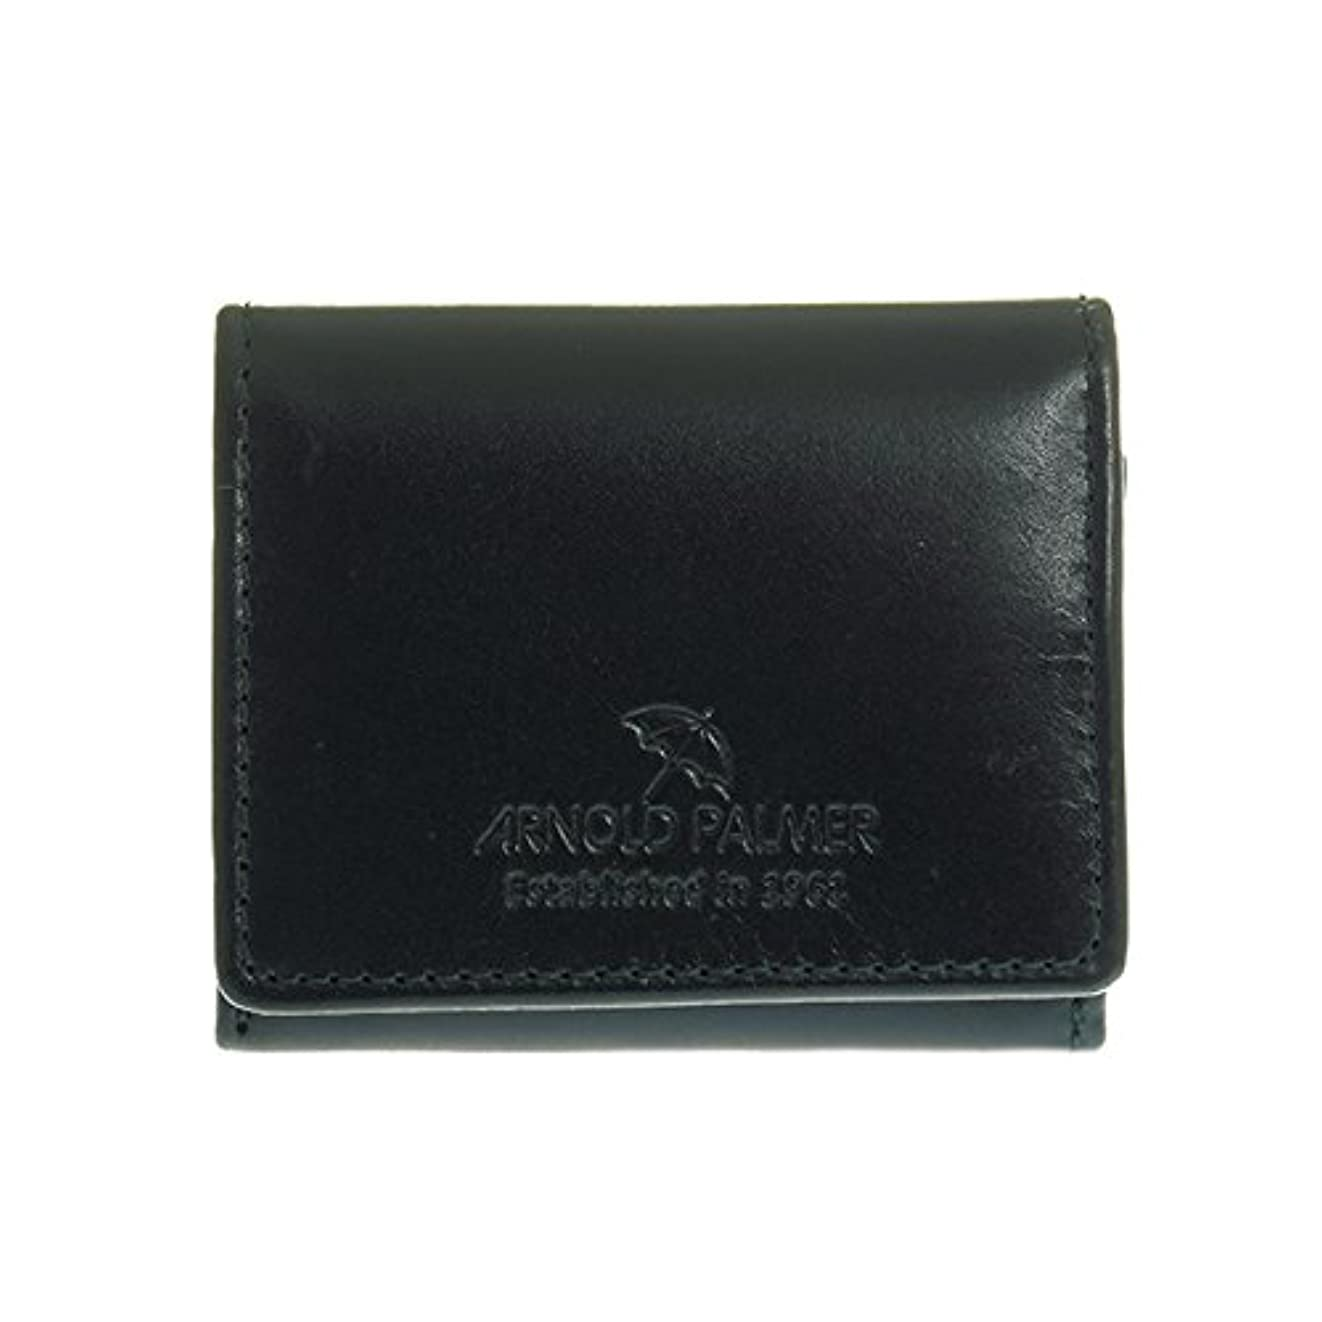 エコー分解する飲み込むアーノルドパーマー ARNOLD PALMER コンビカラー 小銭入れ コインケース メンズ 4AP3255-GR グリーン